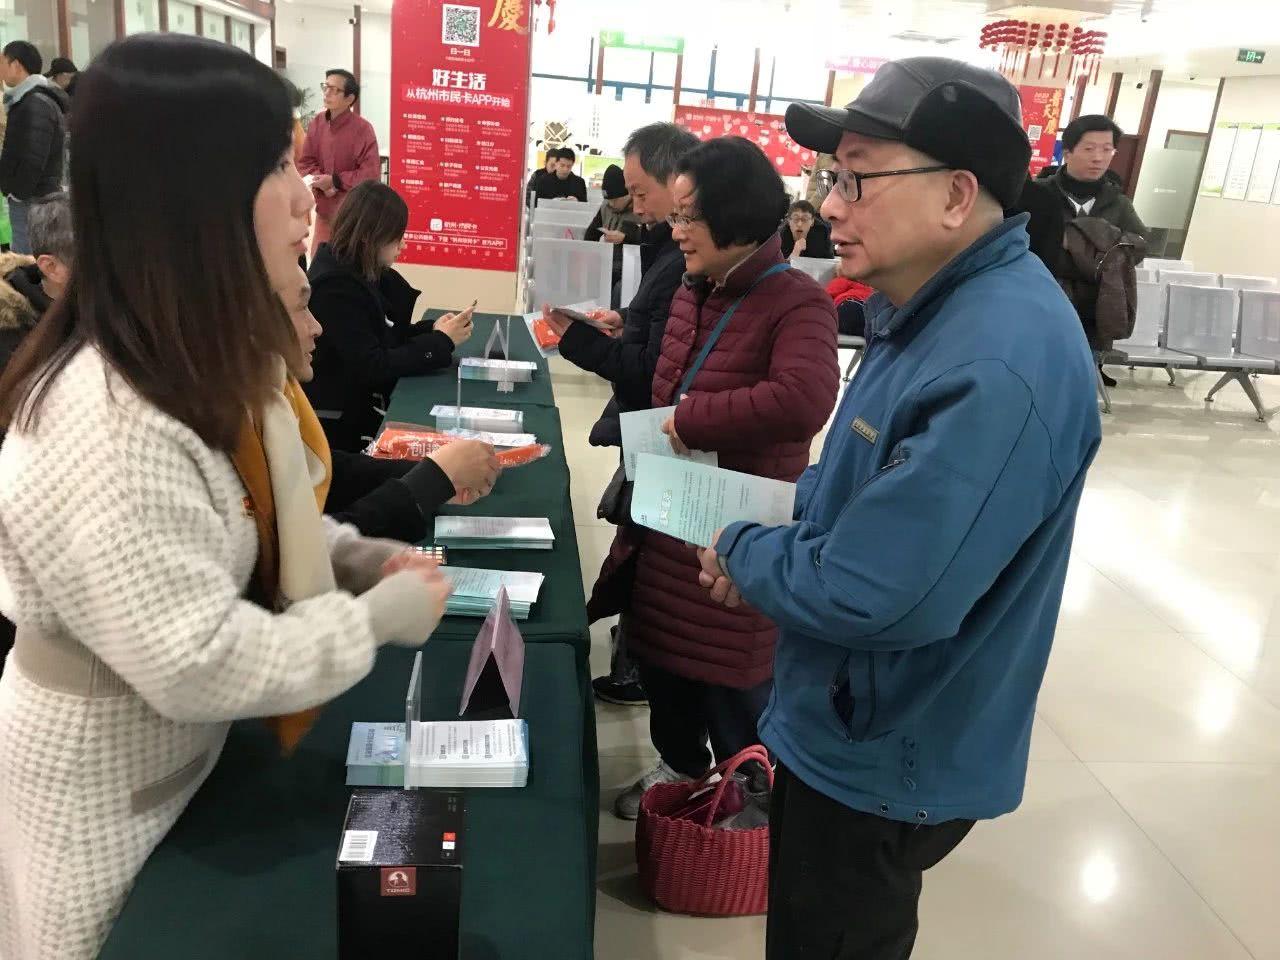 持卡人数近1000万!杭州市举行社保卡惠民服务季活动